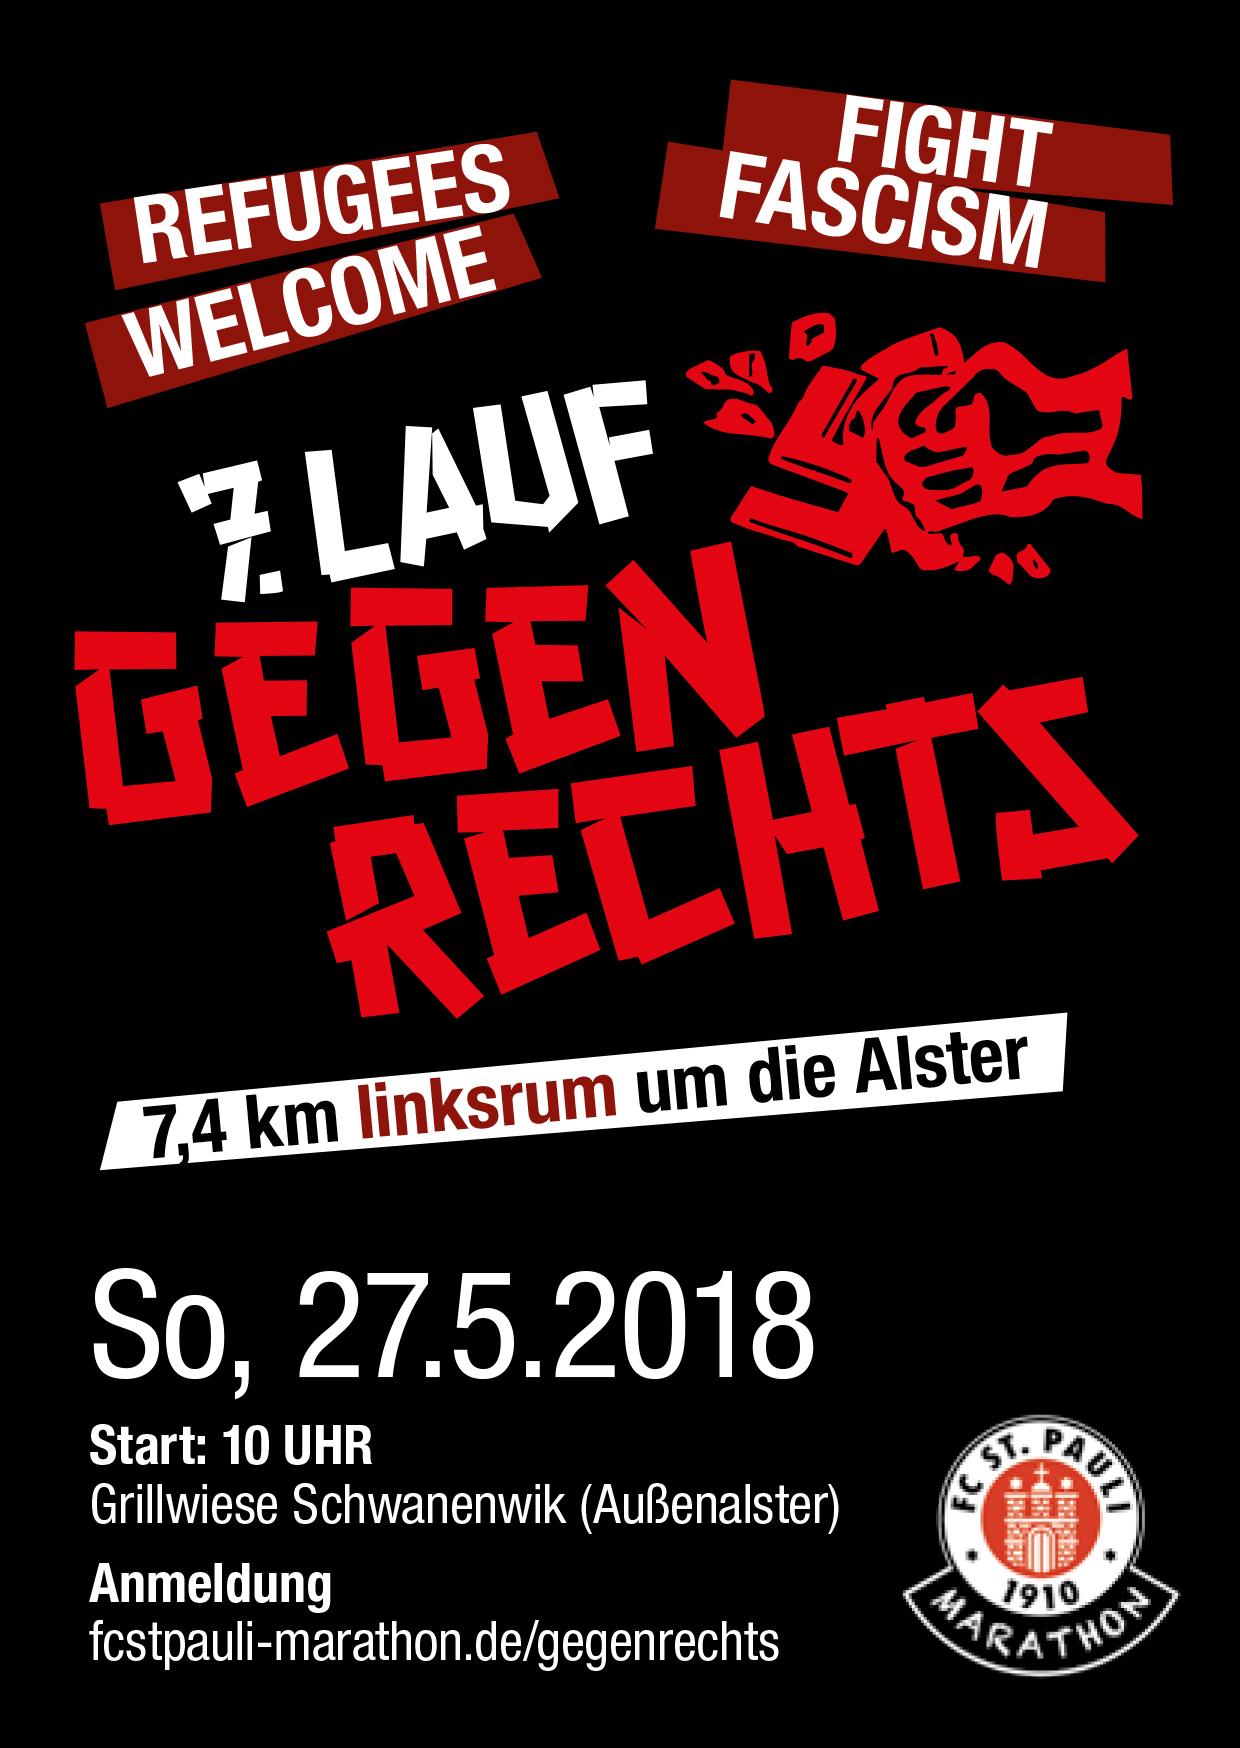 Marathon-Abteilung ruft zu einem Zeichen  gegen rassistische Hetze, Rechtspopulismus und Faschismus auf !